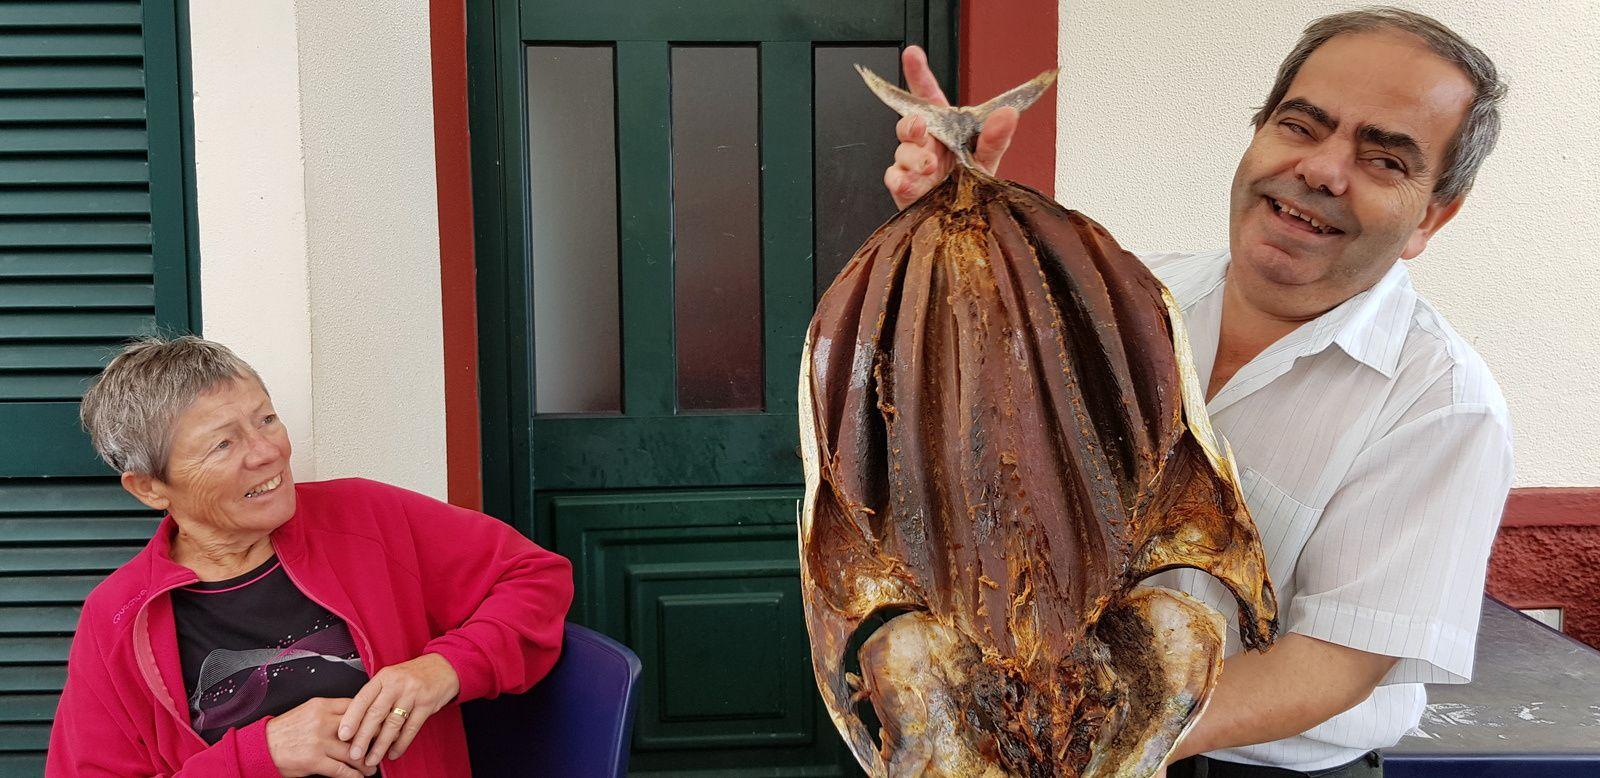 Gaiado poisson séché : excellent pour l'apéro !